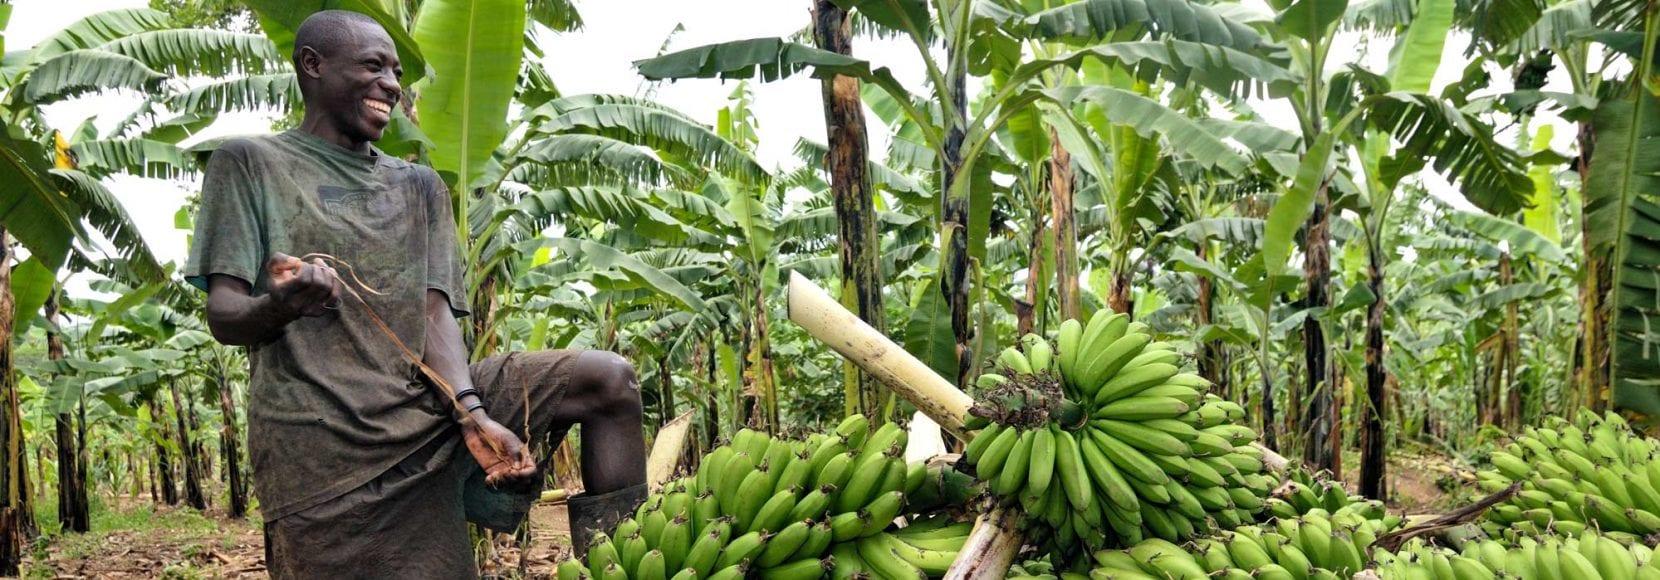 Farmer smiling with Bananas in Uganda